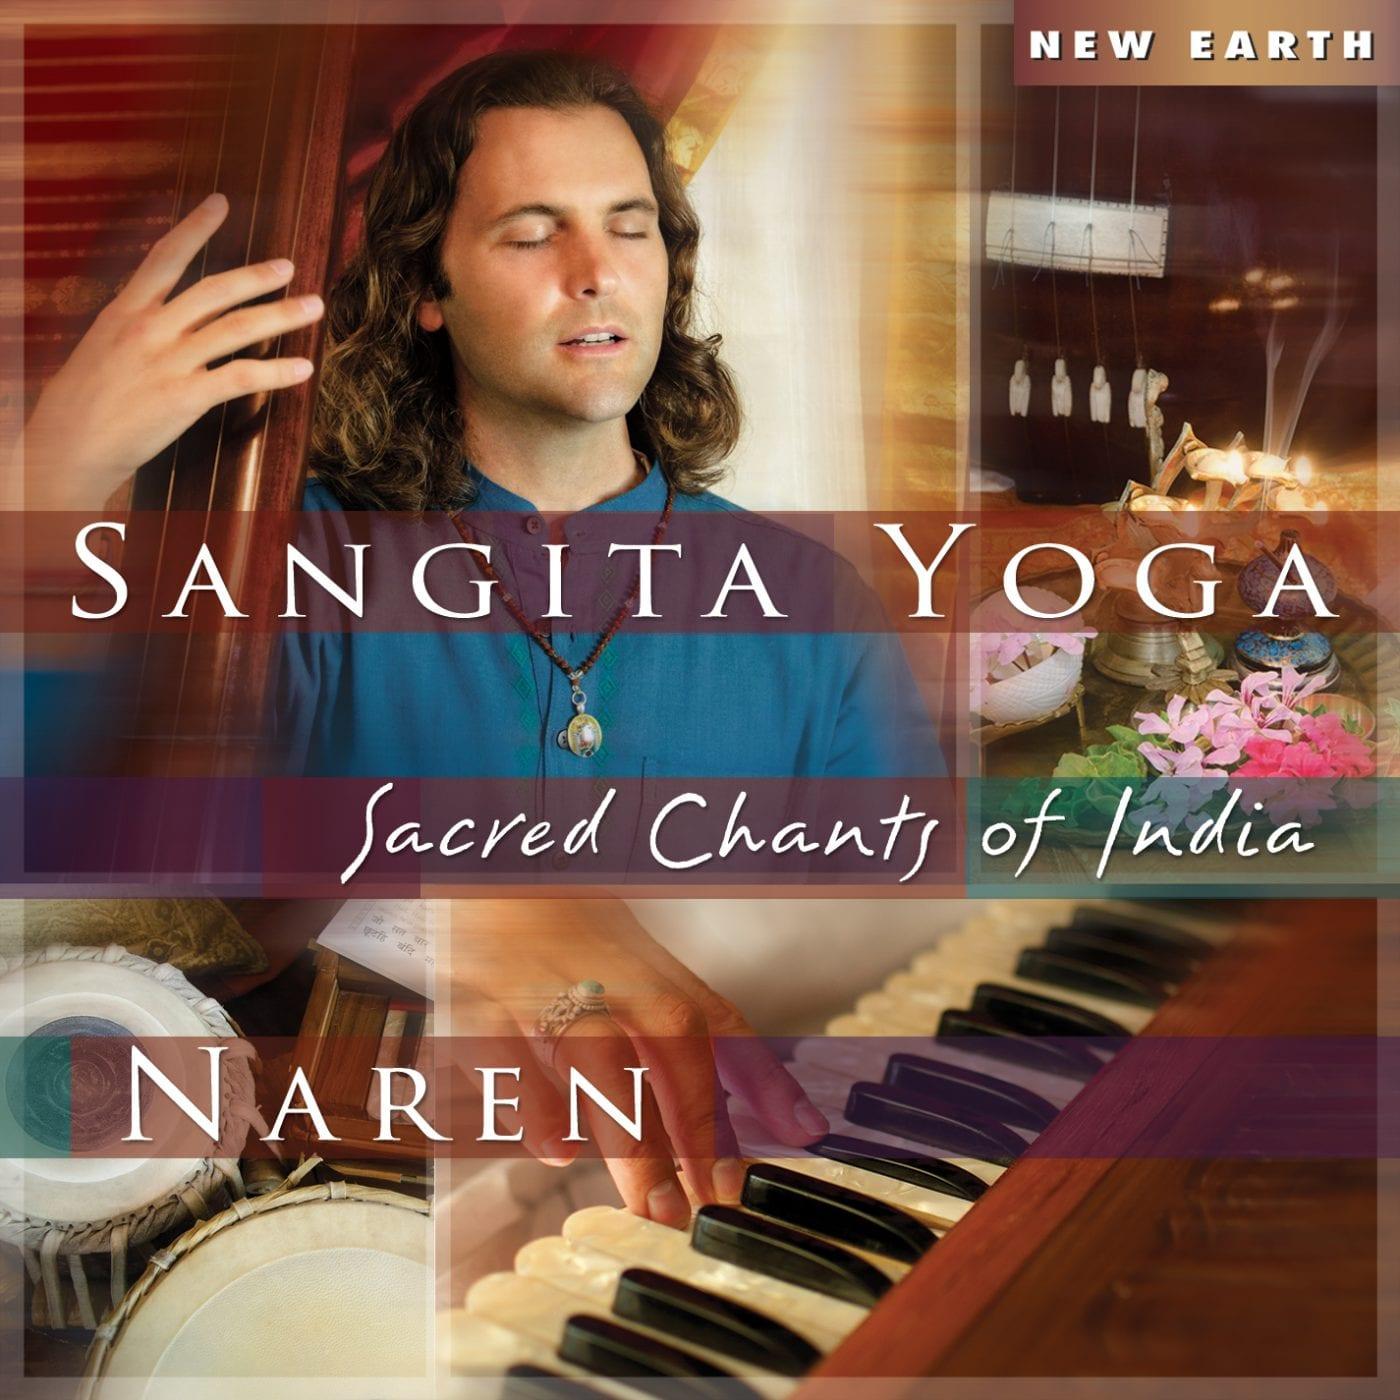 Sangita Yoga